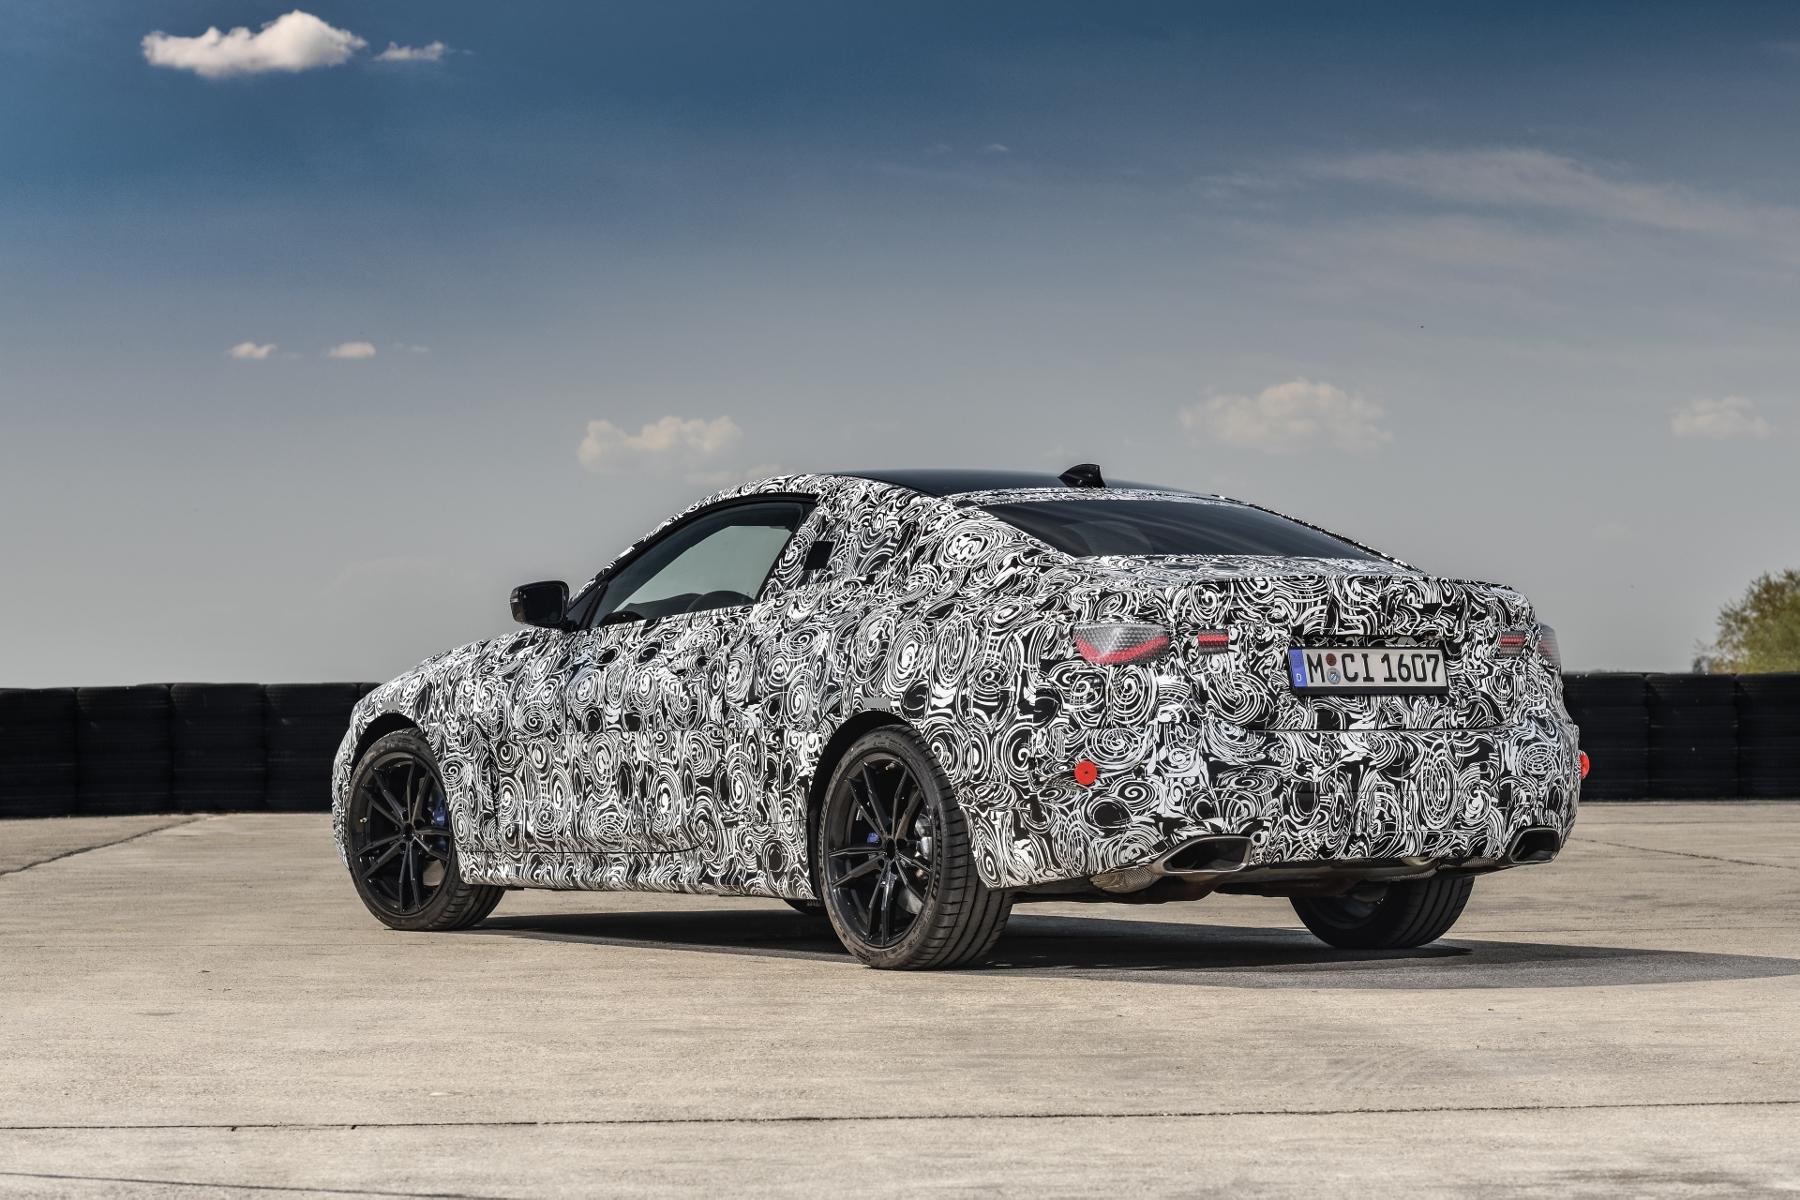 Nové BMW radu 4 Coupé dostane športovejší podvozok qLNGhzN8SQ bmw-4-coupe-18